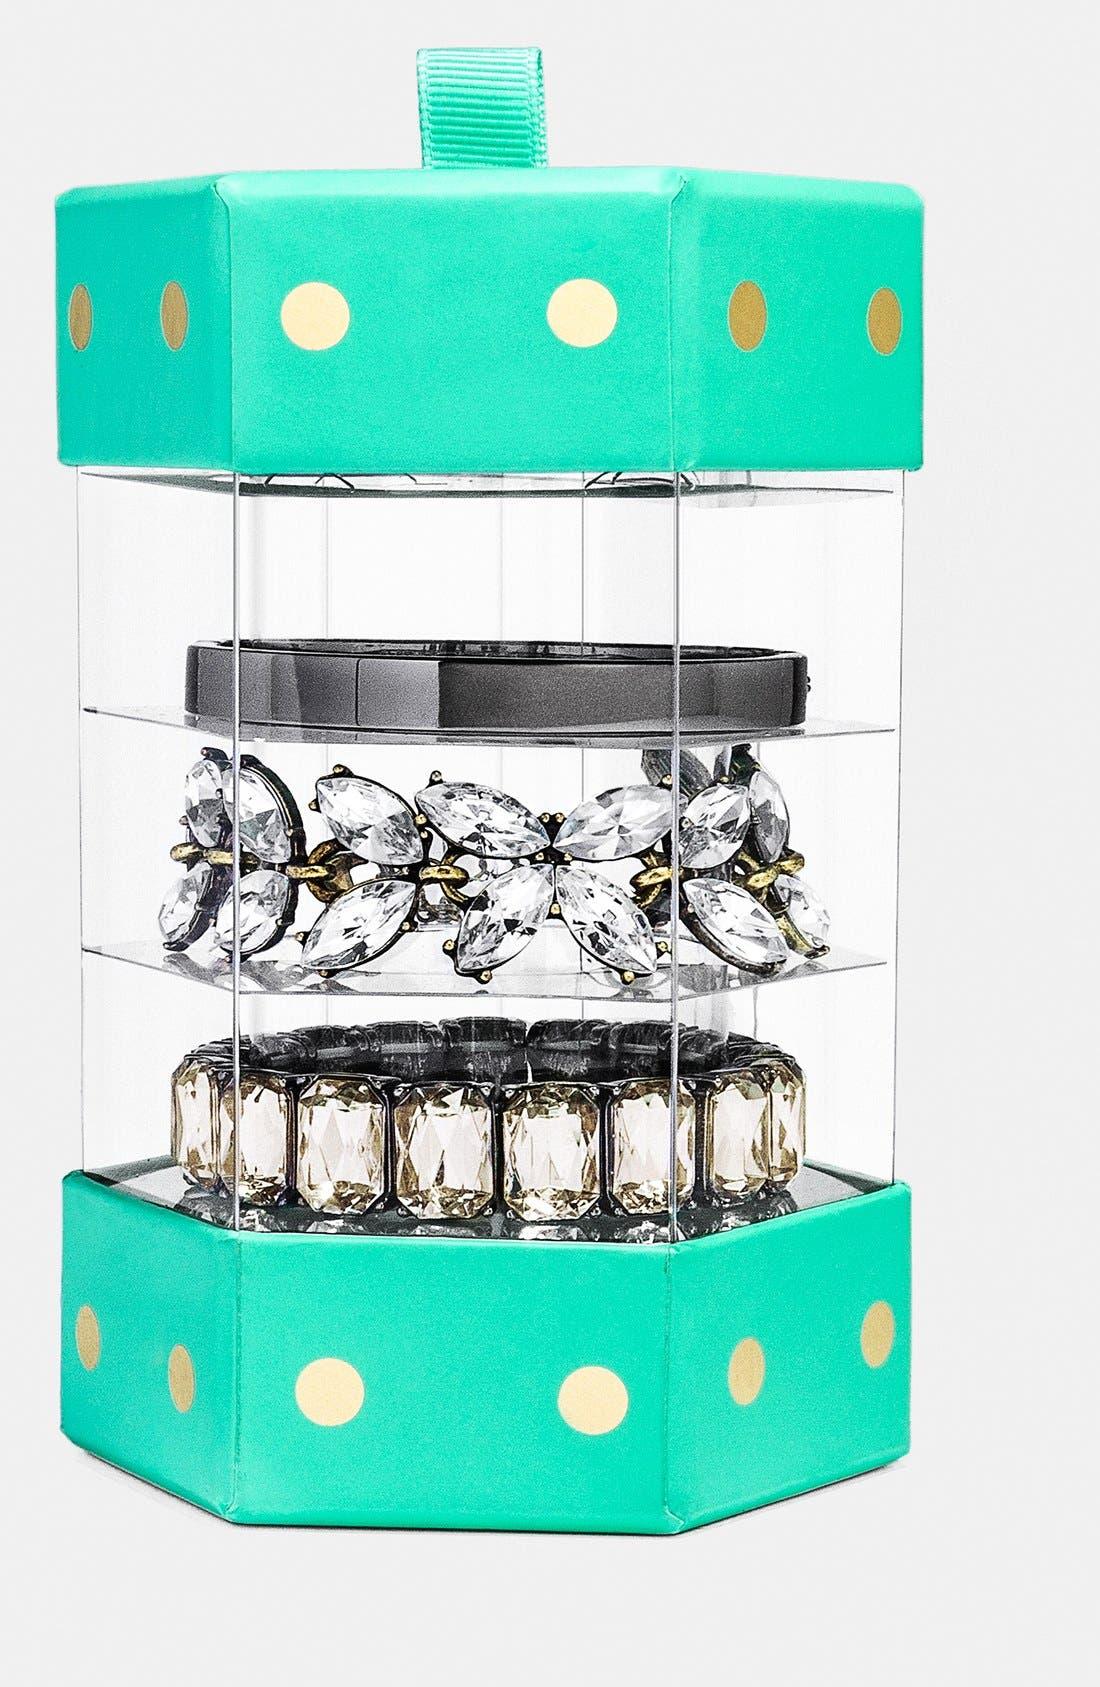 Alternate Image 1 Selected - BaubleBar 'Classic: Evening Bracelet Stack' Bangle Gift Set